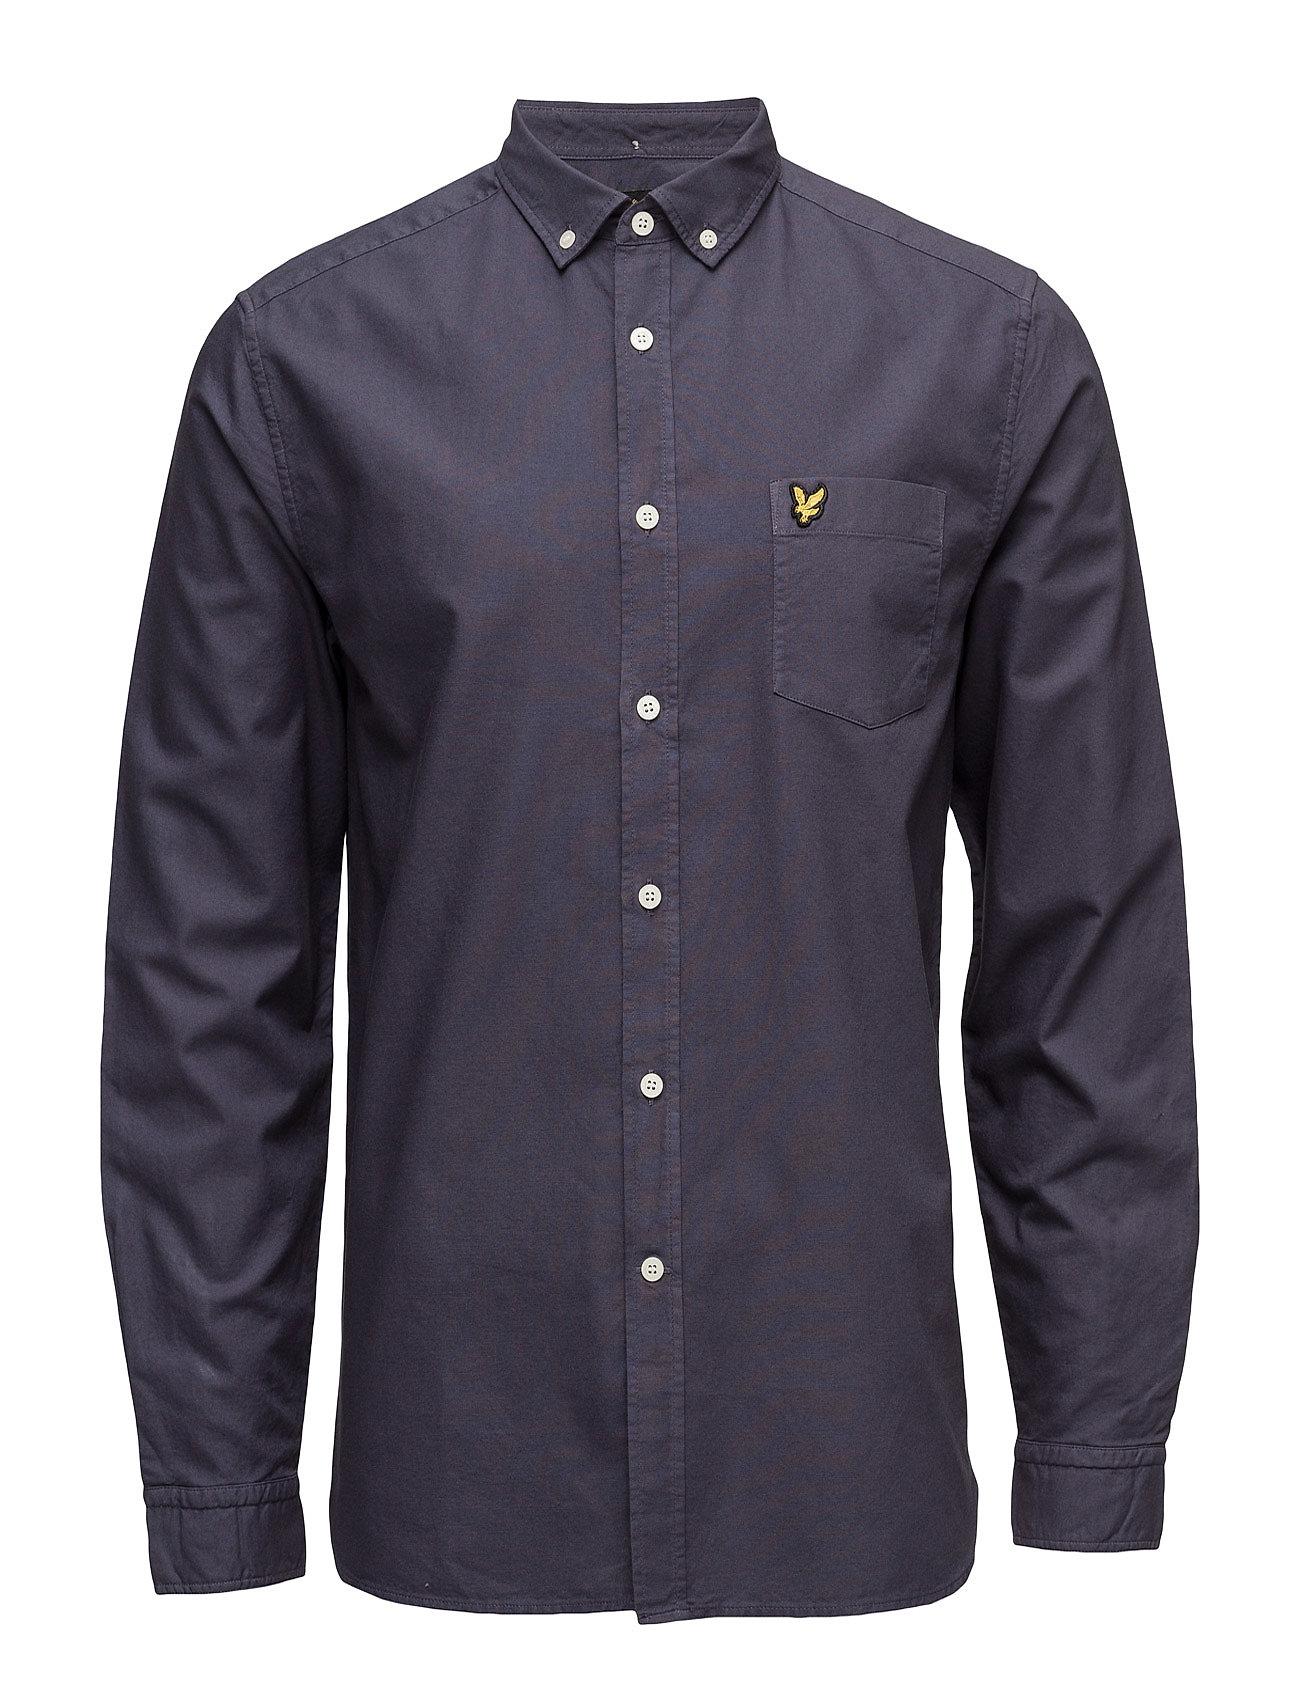 Garment Dye Oxford Shirt Lyle & Scott Casual sko til Herrer i